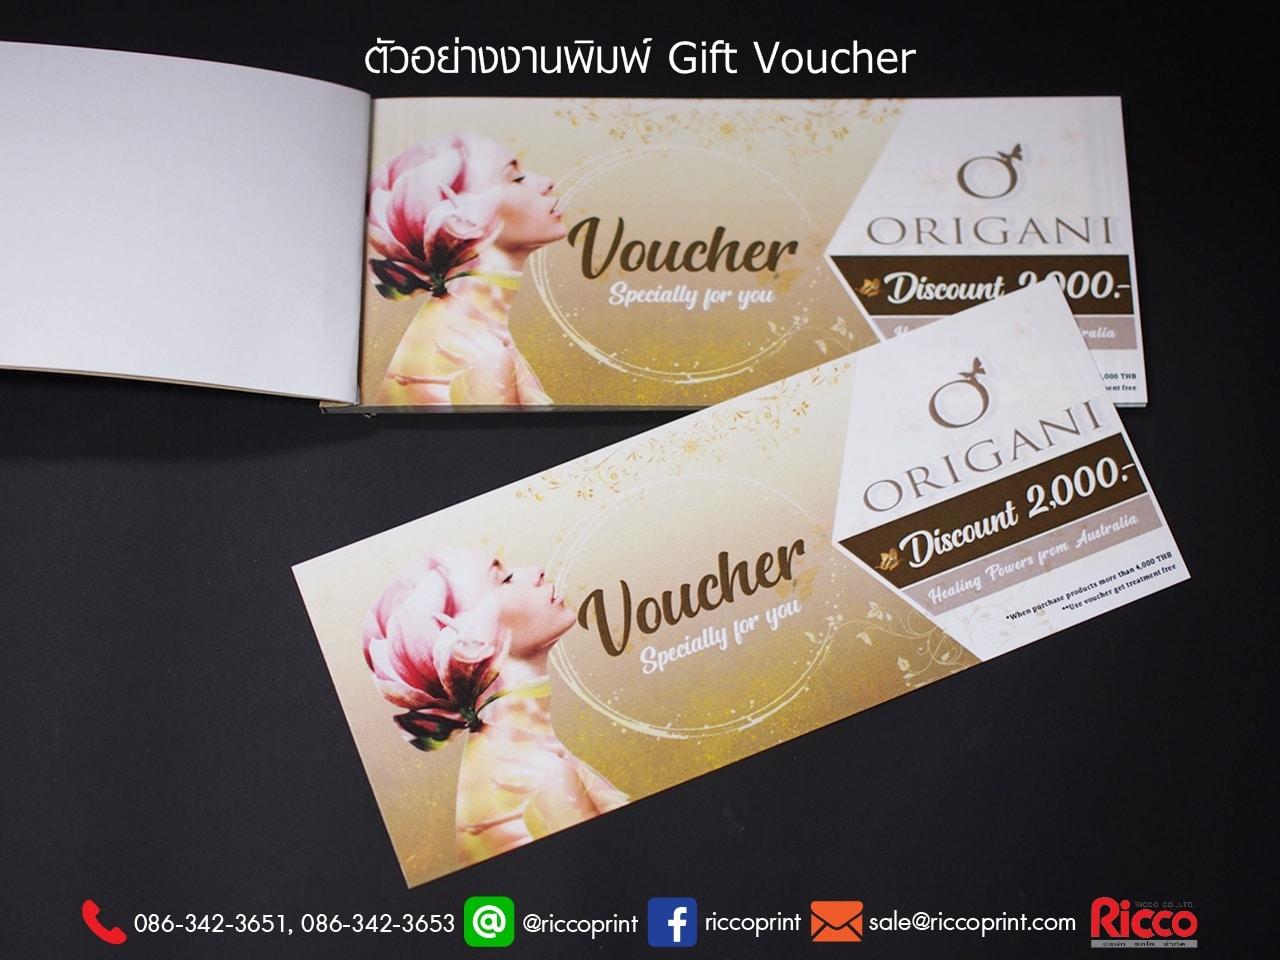 รูป Coupon Gift Voucher 2020 ORIGANI2 - ประกอบเนื้อหา คูปอง บัตรกำนัล ตั๋ว